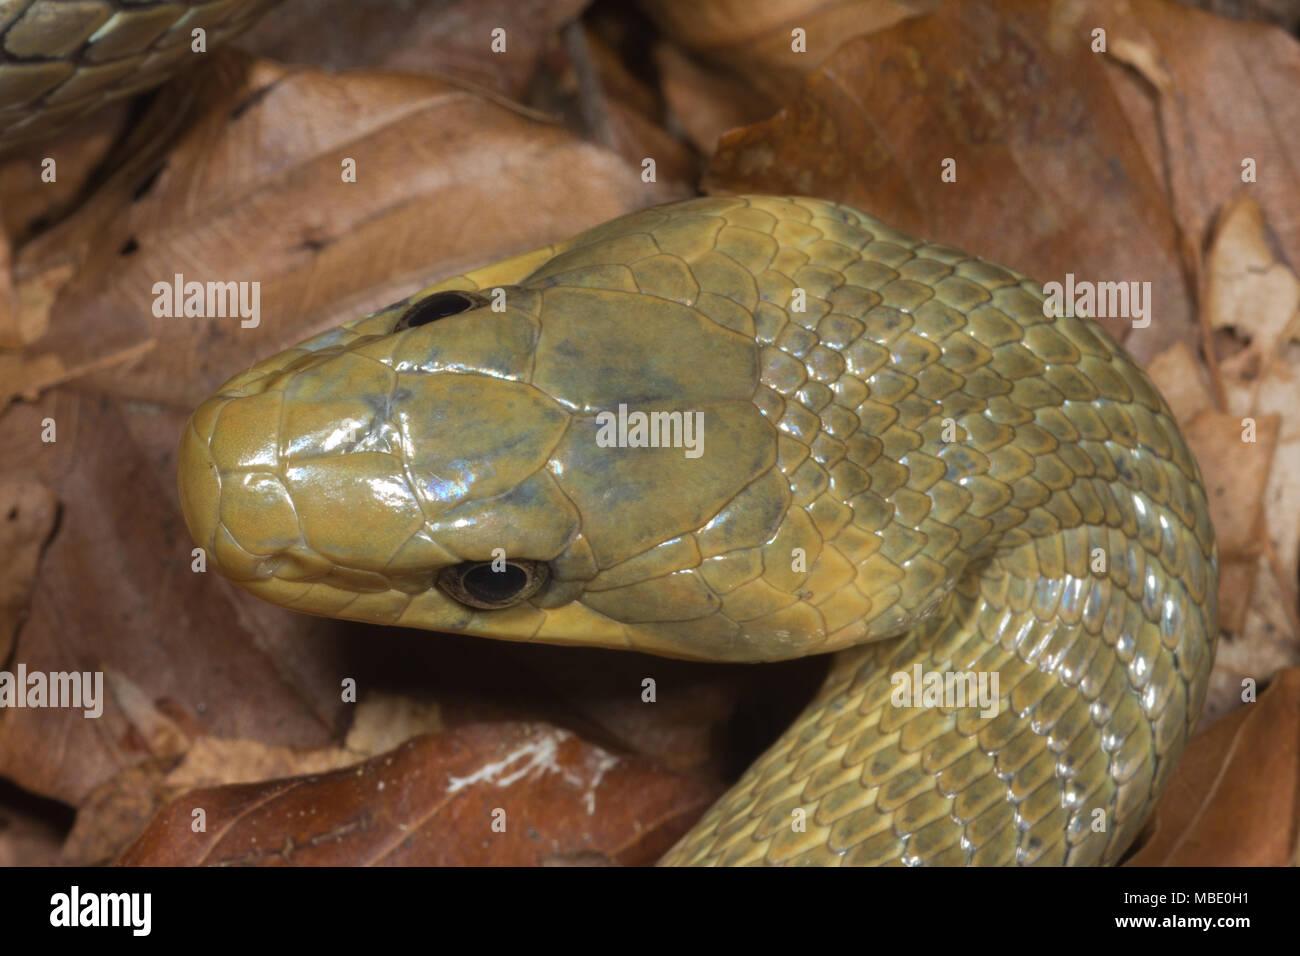 Vista aérea de la cabeza de una serpiente (Aesculapian Zamenis longissimus) cerca del lago Molveno, Italia Imagen De Stock